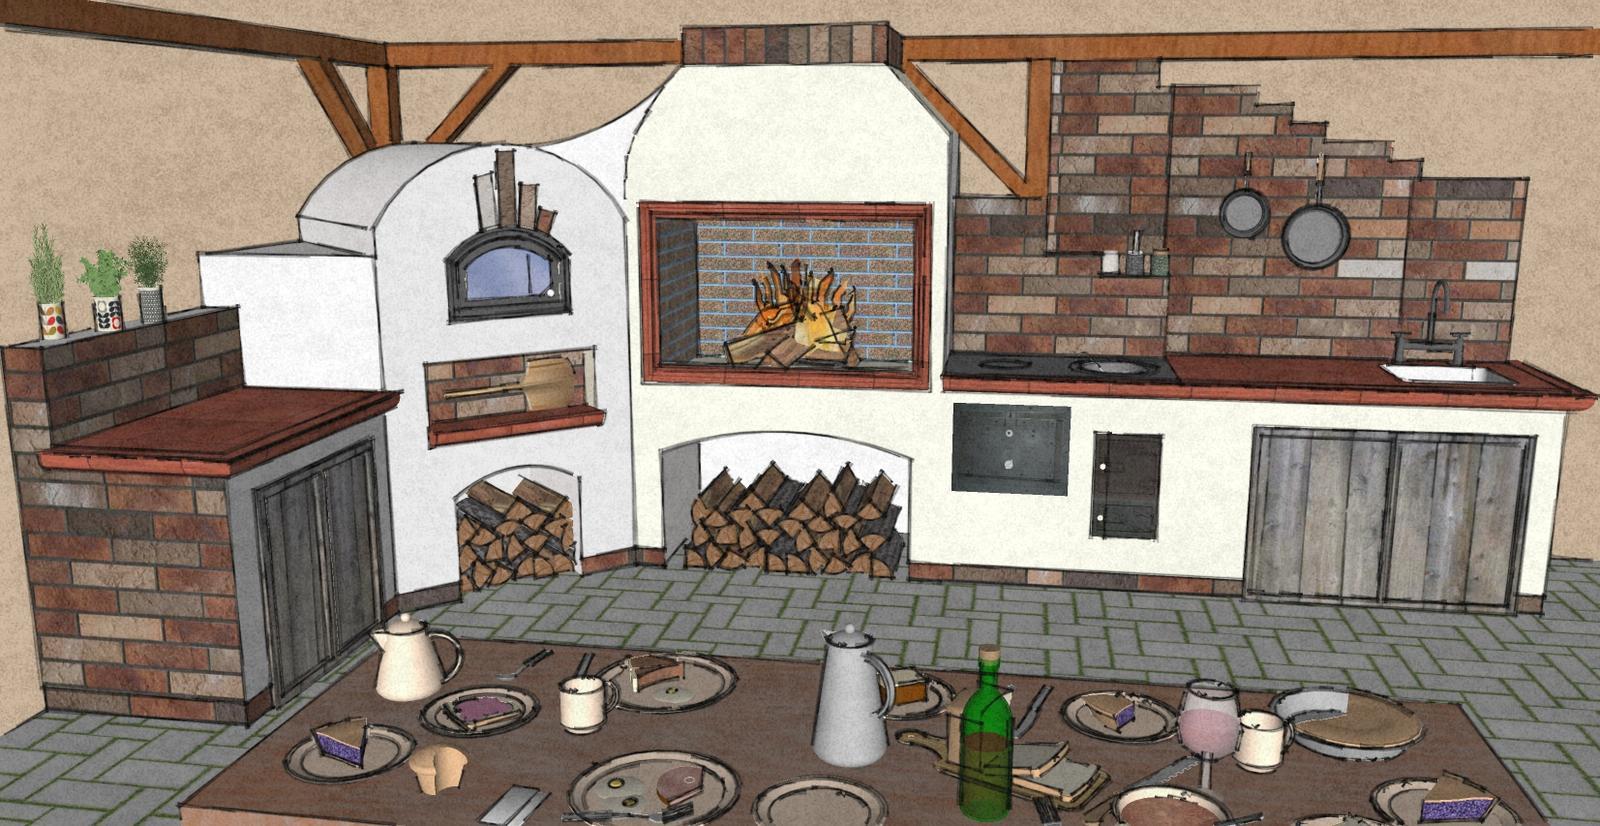 Projekty v procese - Záhradná kuchyňa - pracovná plocha, pizza pec, krb/gril , sporák ,pracovná plocha a drez